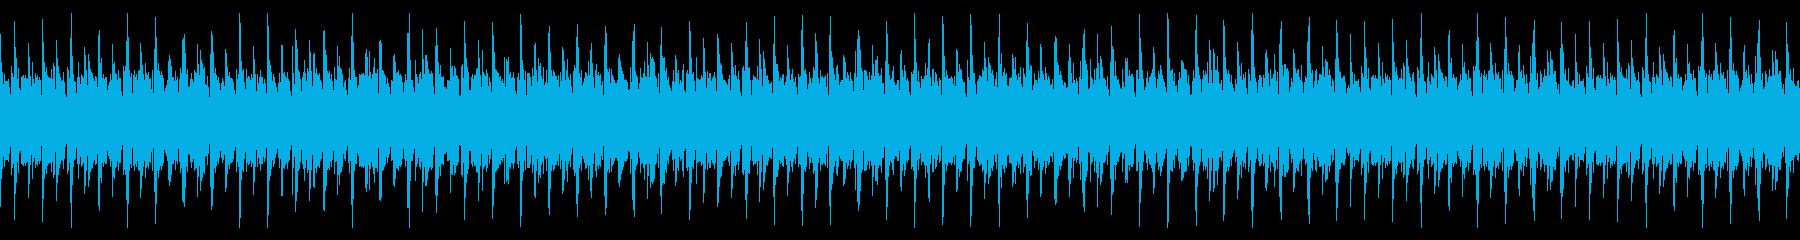 (loop)シンセが印象的なループBGMの再生済みの波形